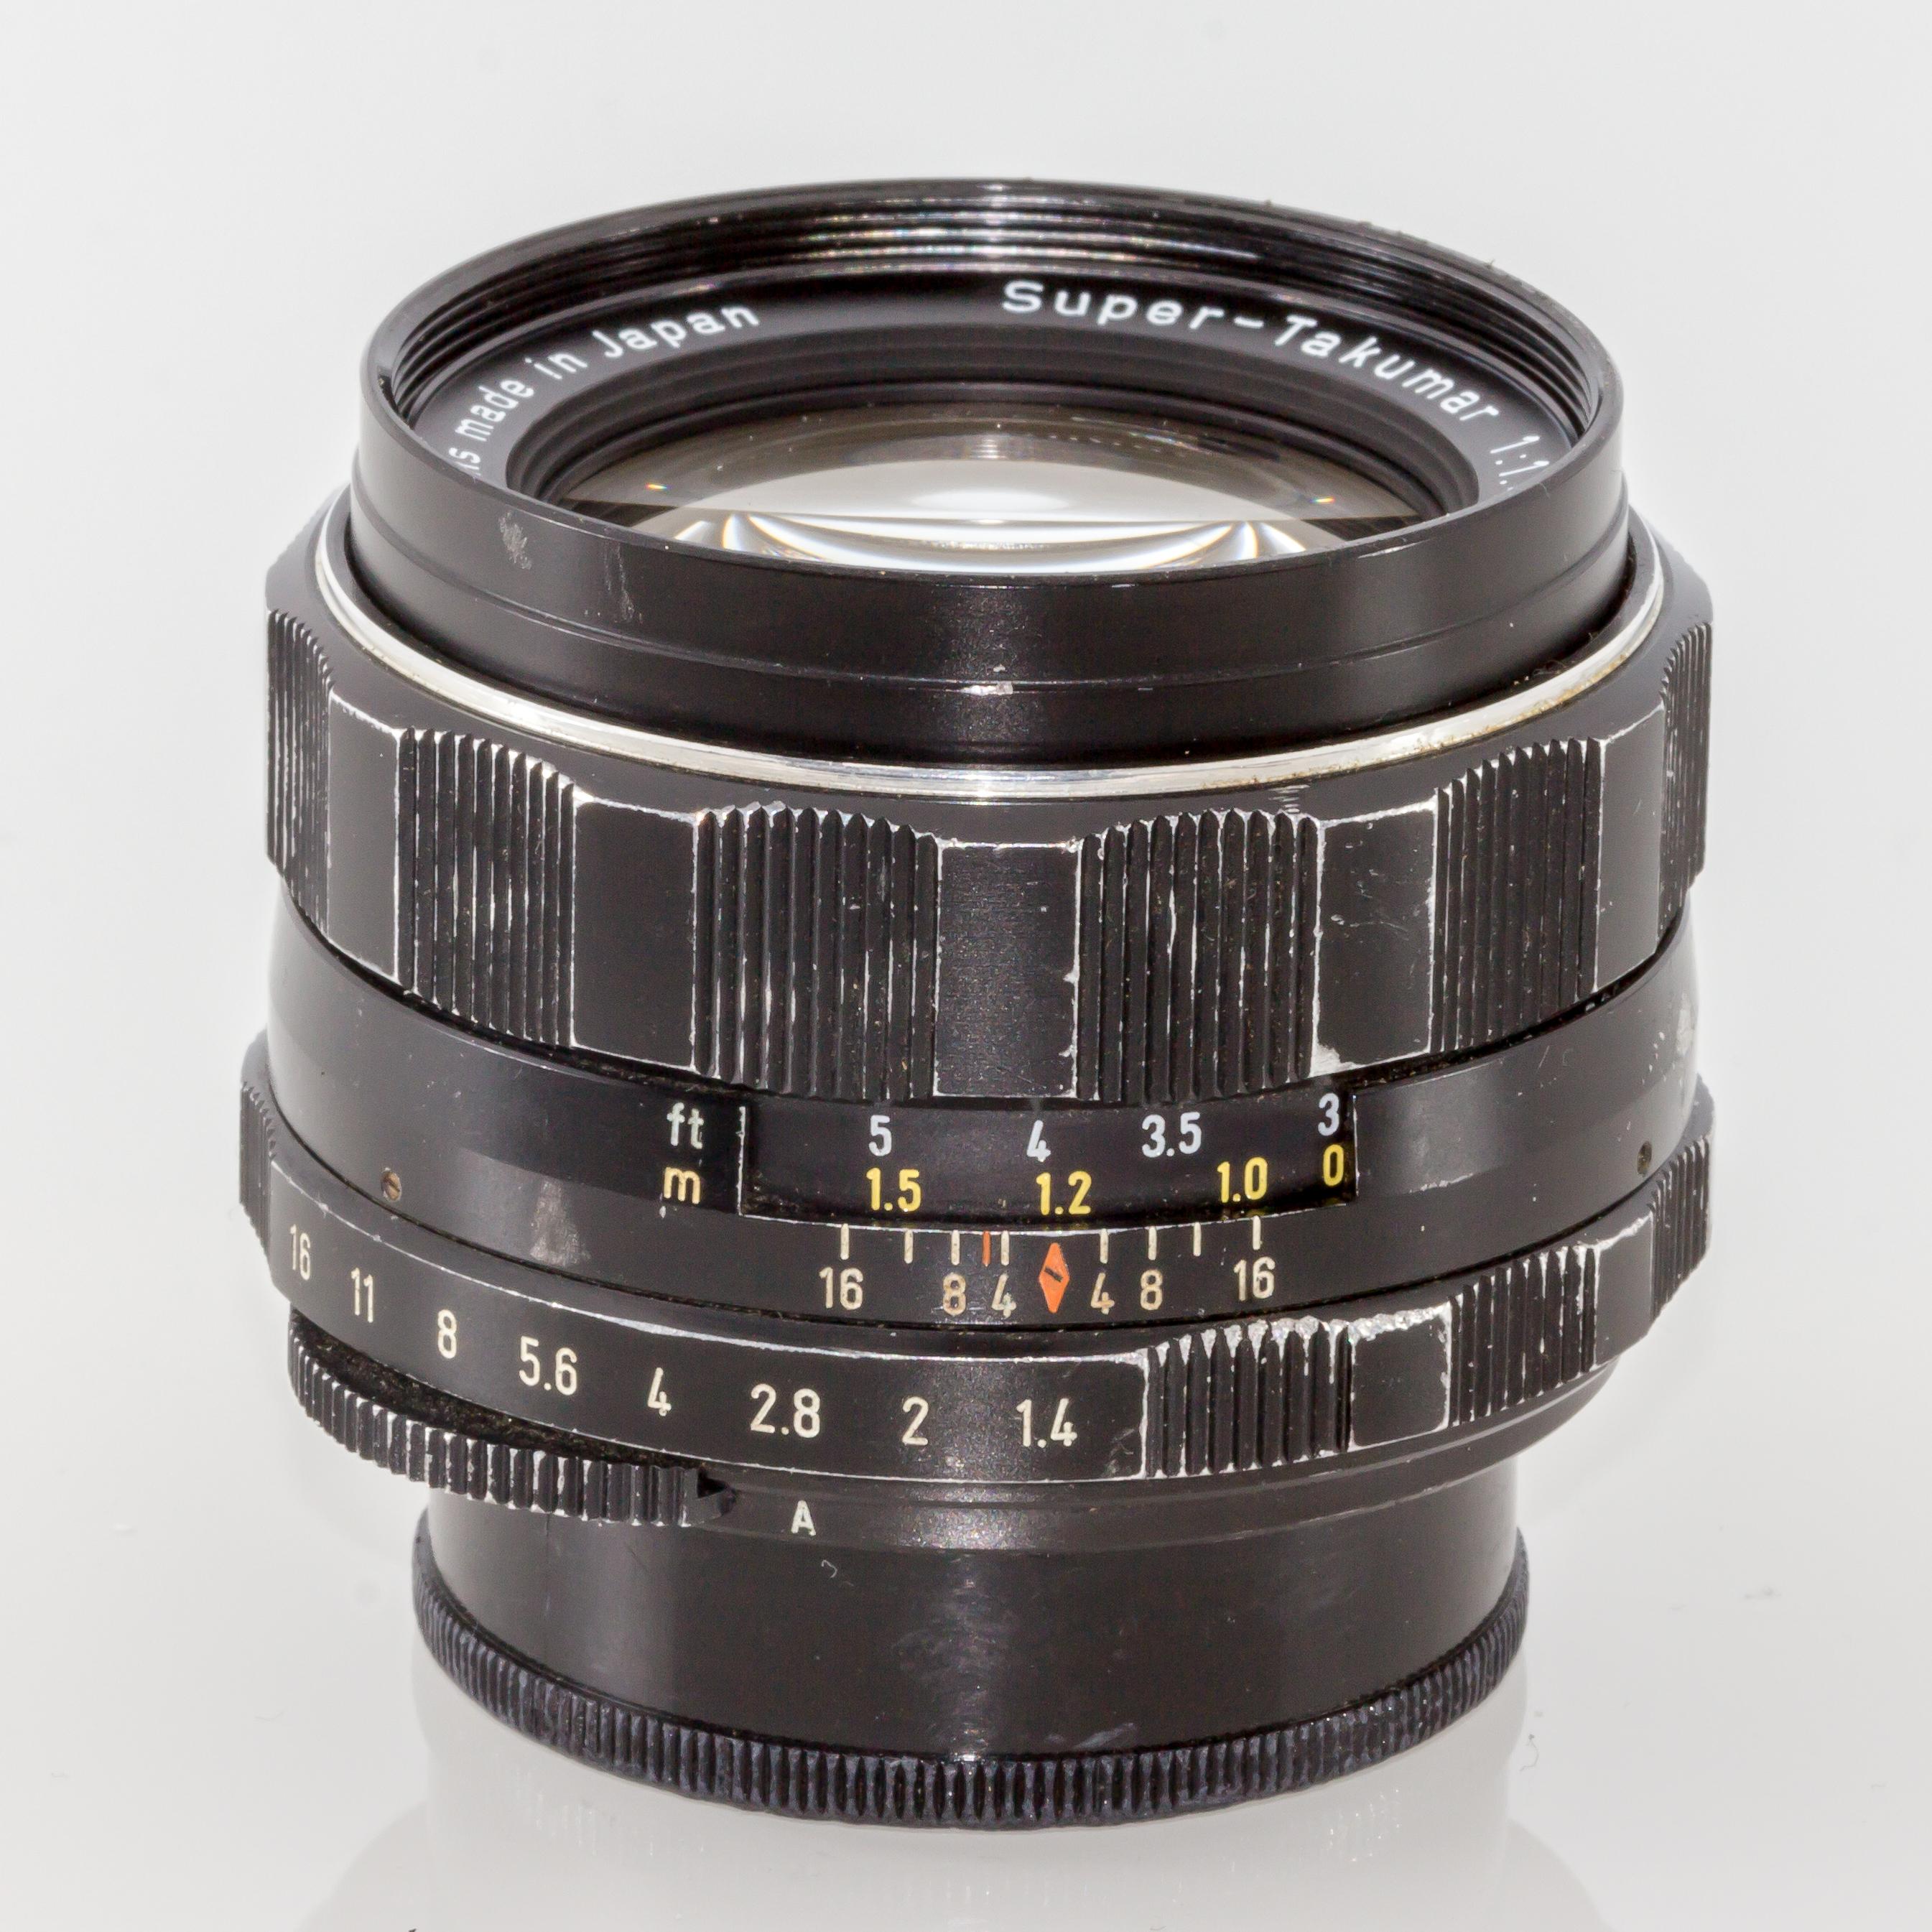 File:Super-Takumar 50mm F1 4-4649 jpg - Wikimedia Commons